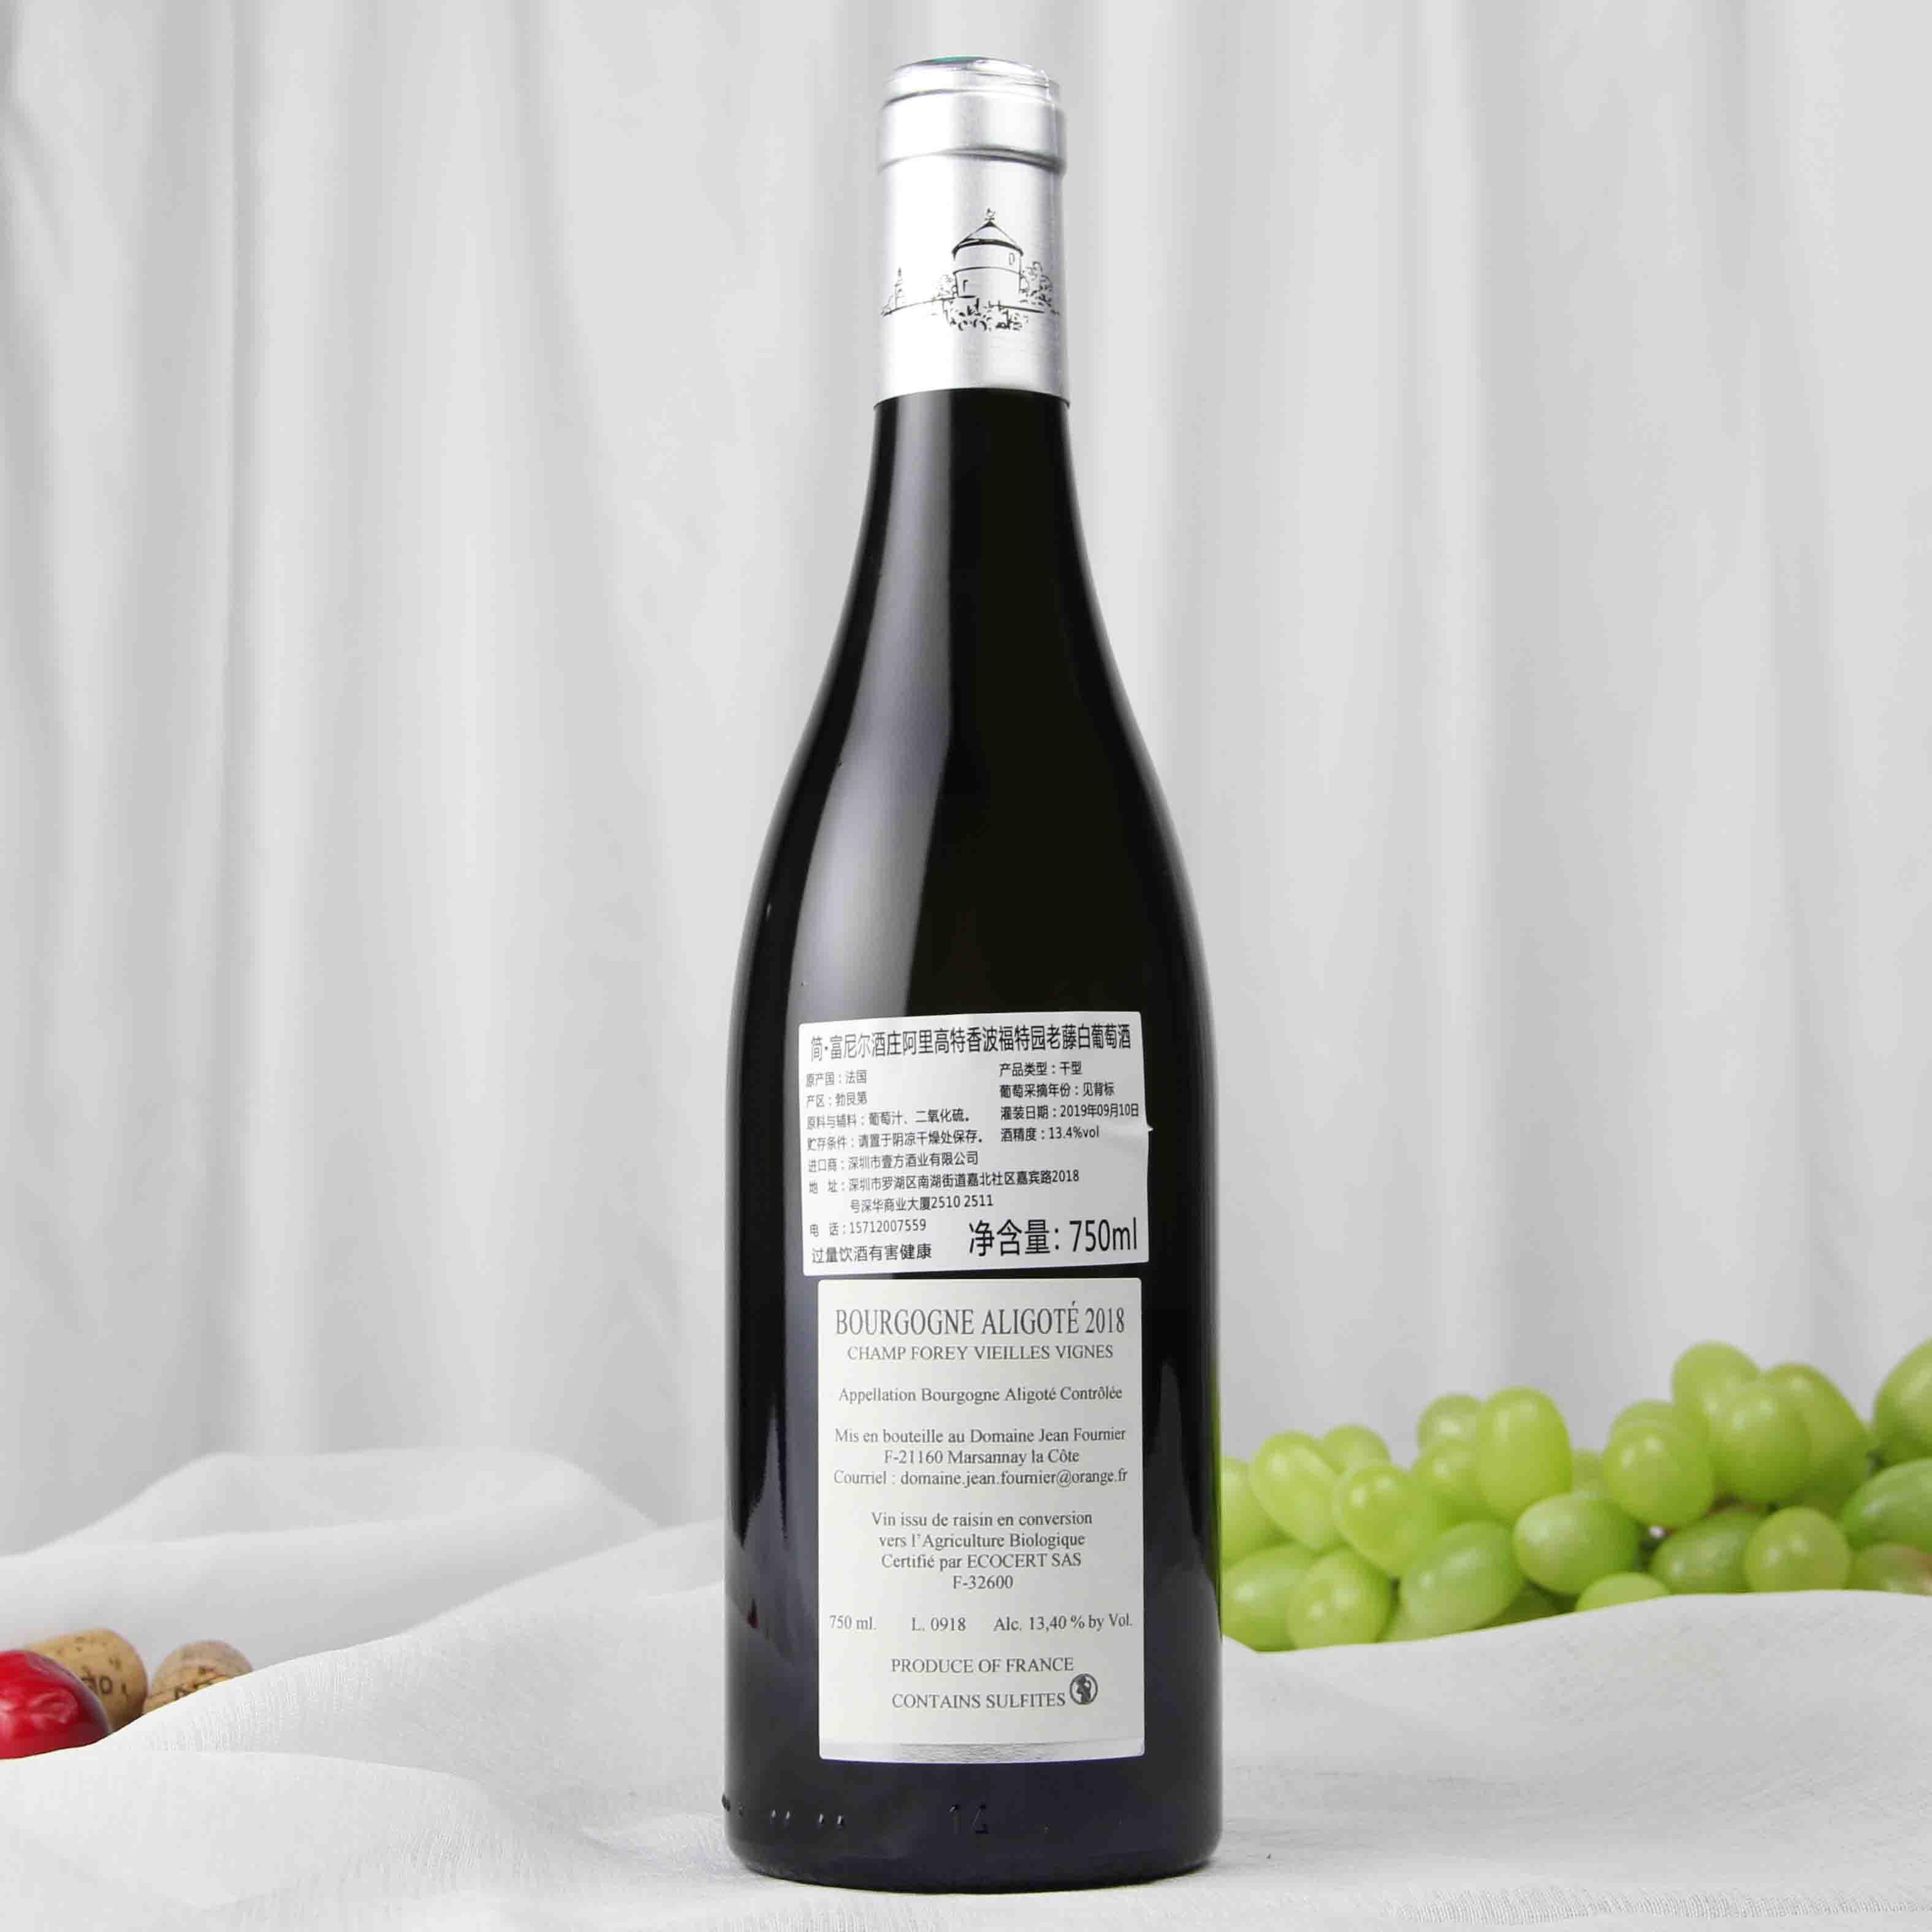 法国勃艮第简.富尼尔庄 阿里高特香波福特园 老藤大区白葡萄酒